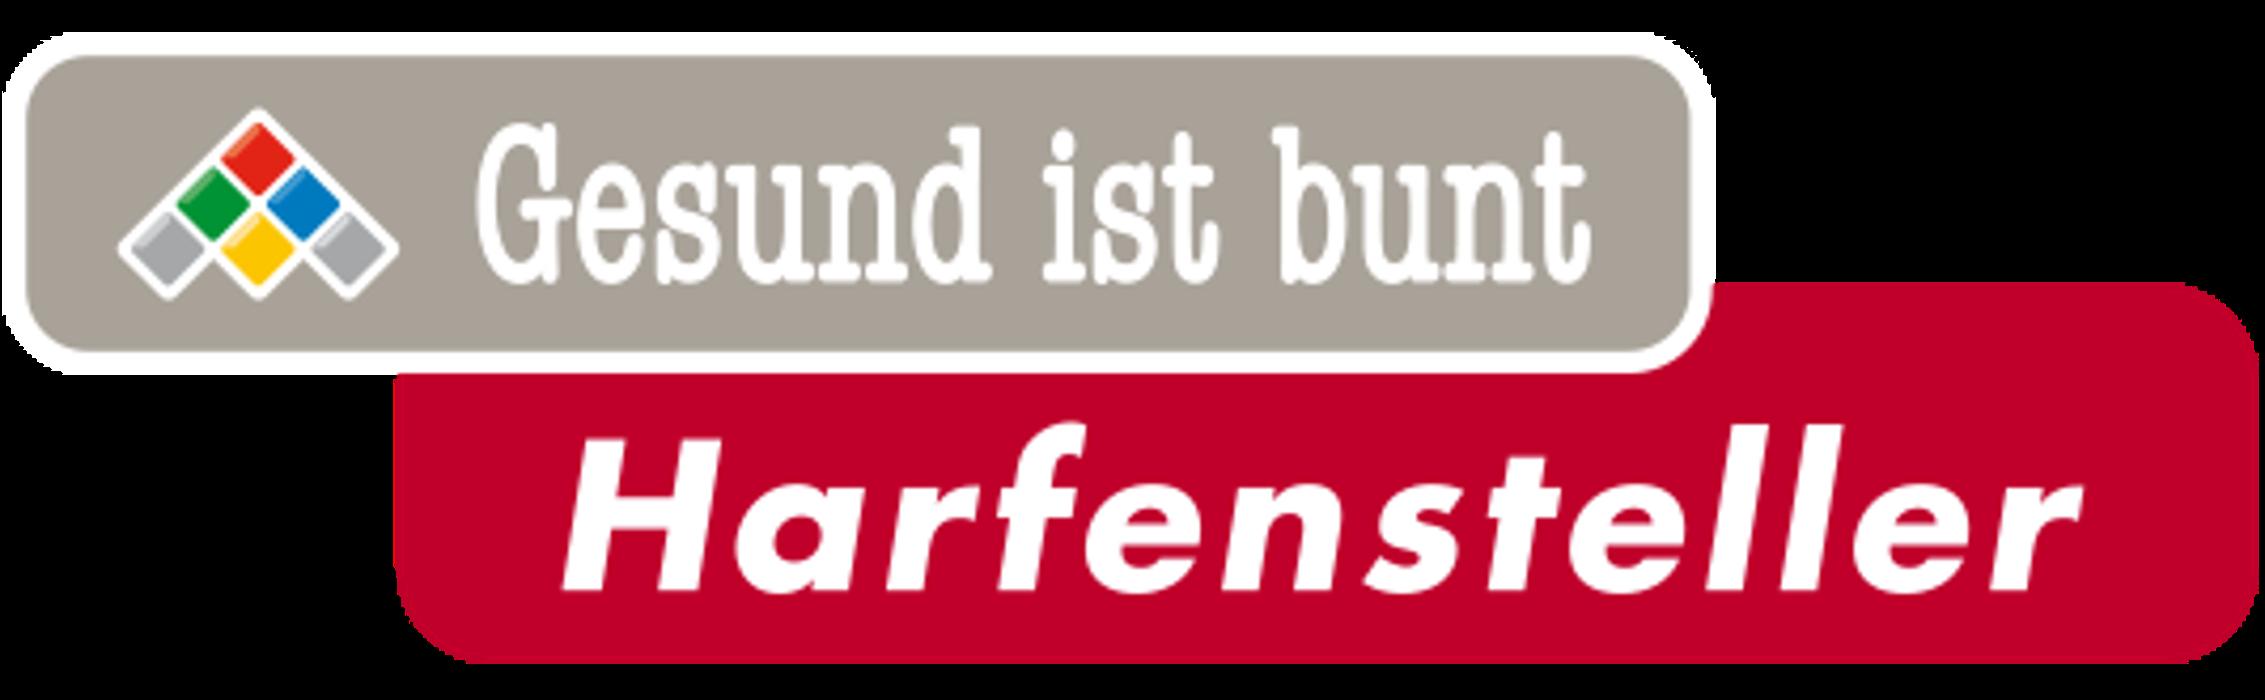 Harfensteller Apotheke am Wollhaus